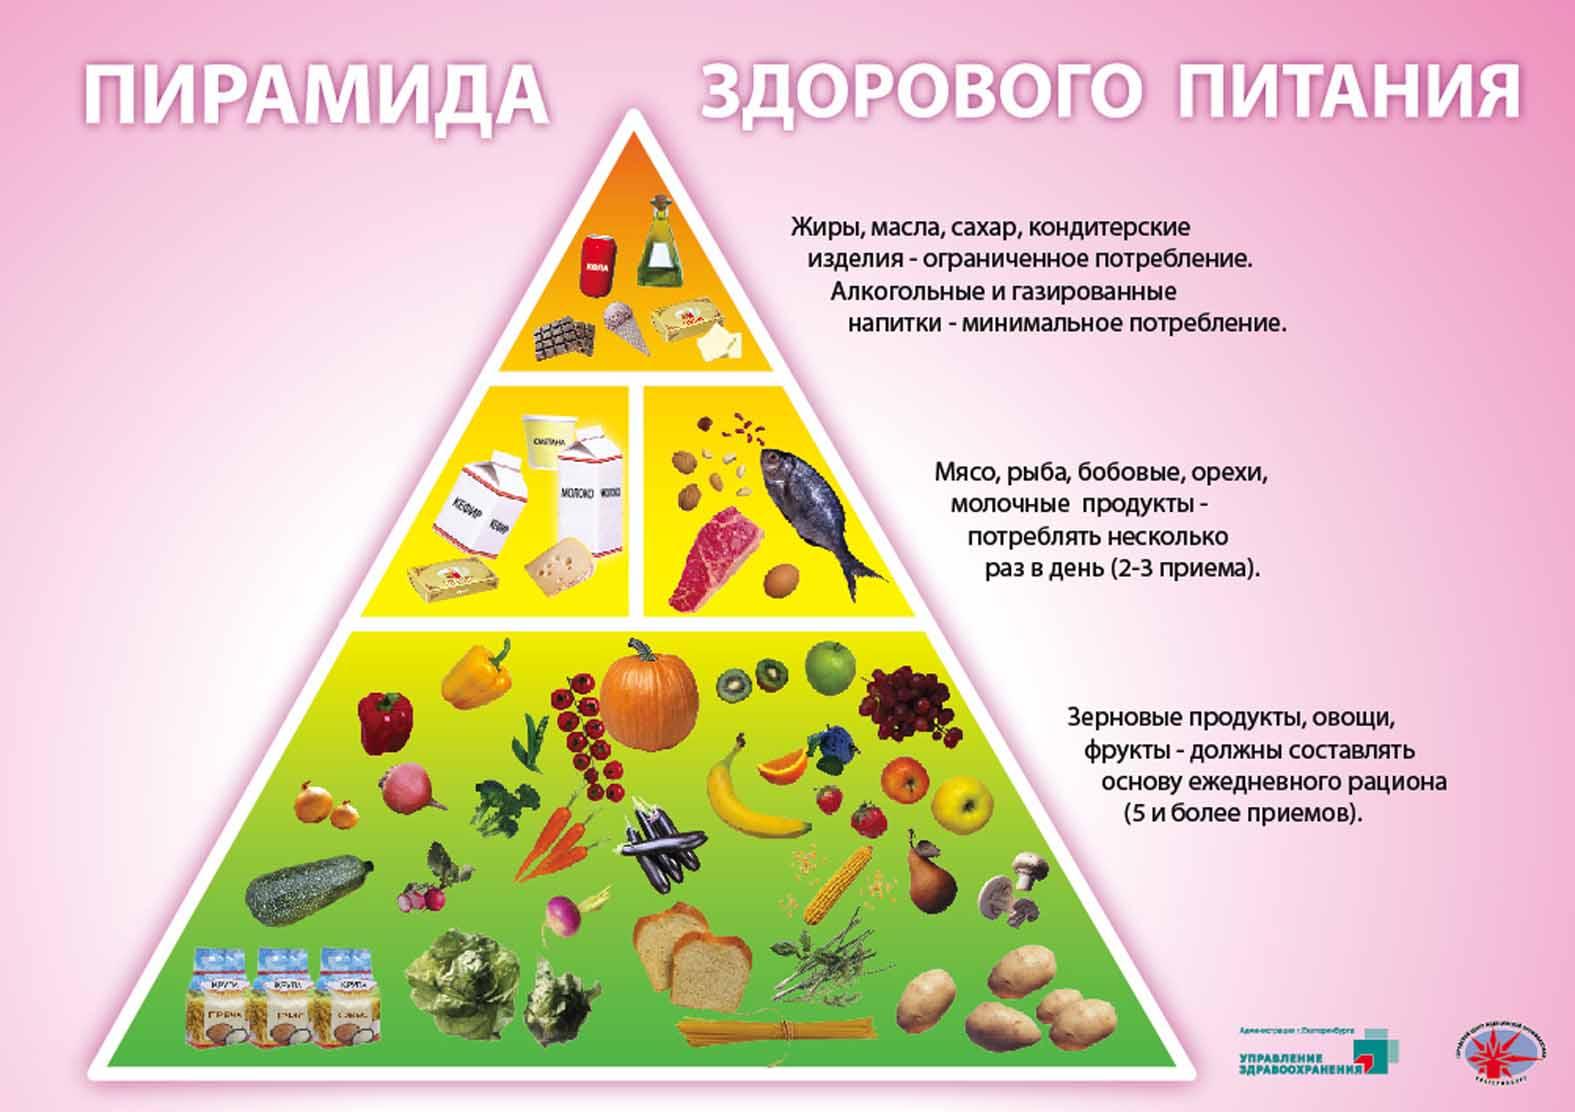 картинки по правильному питанию планета